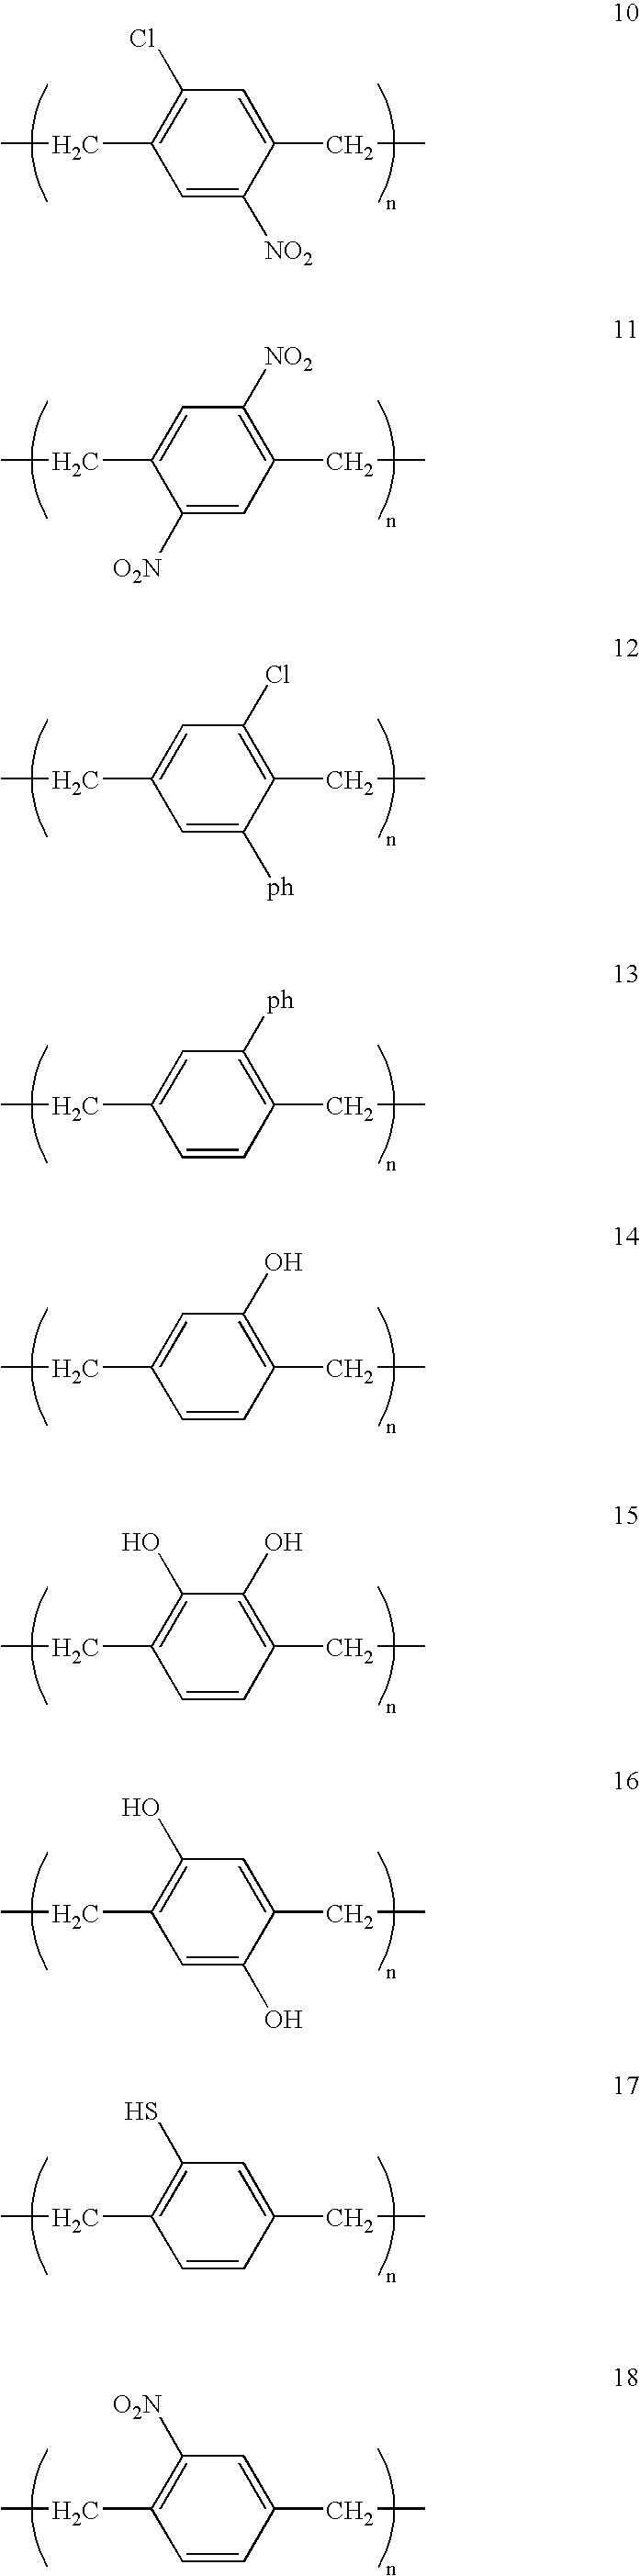 Figure US20070221958A1-20070927-C00003